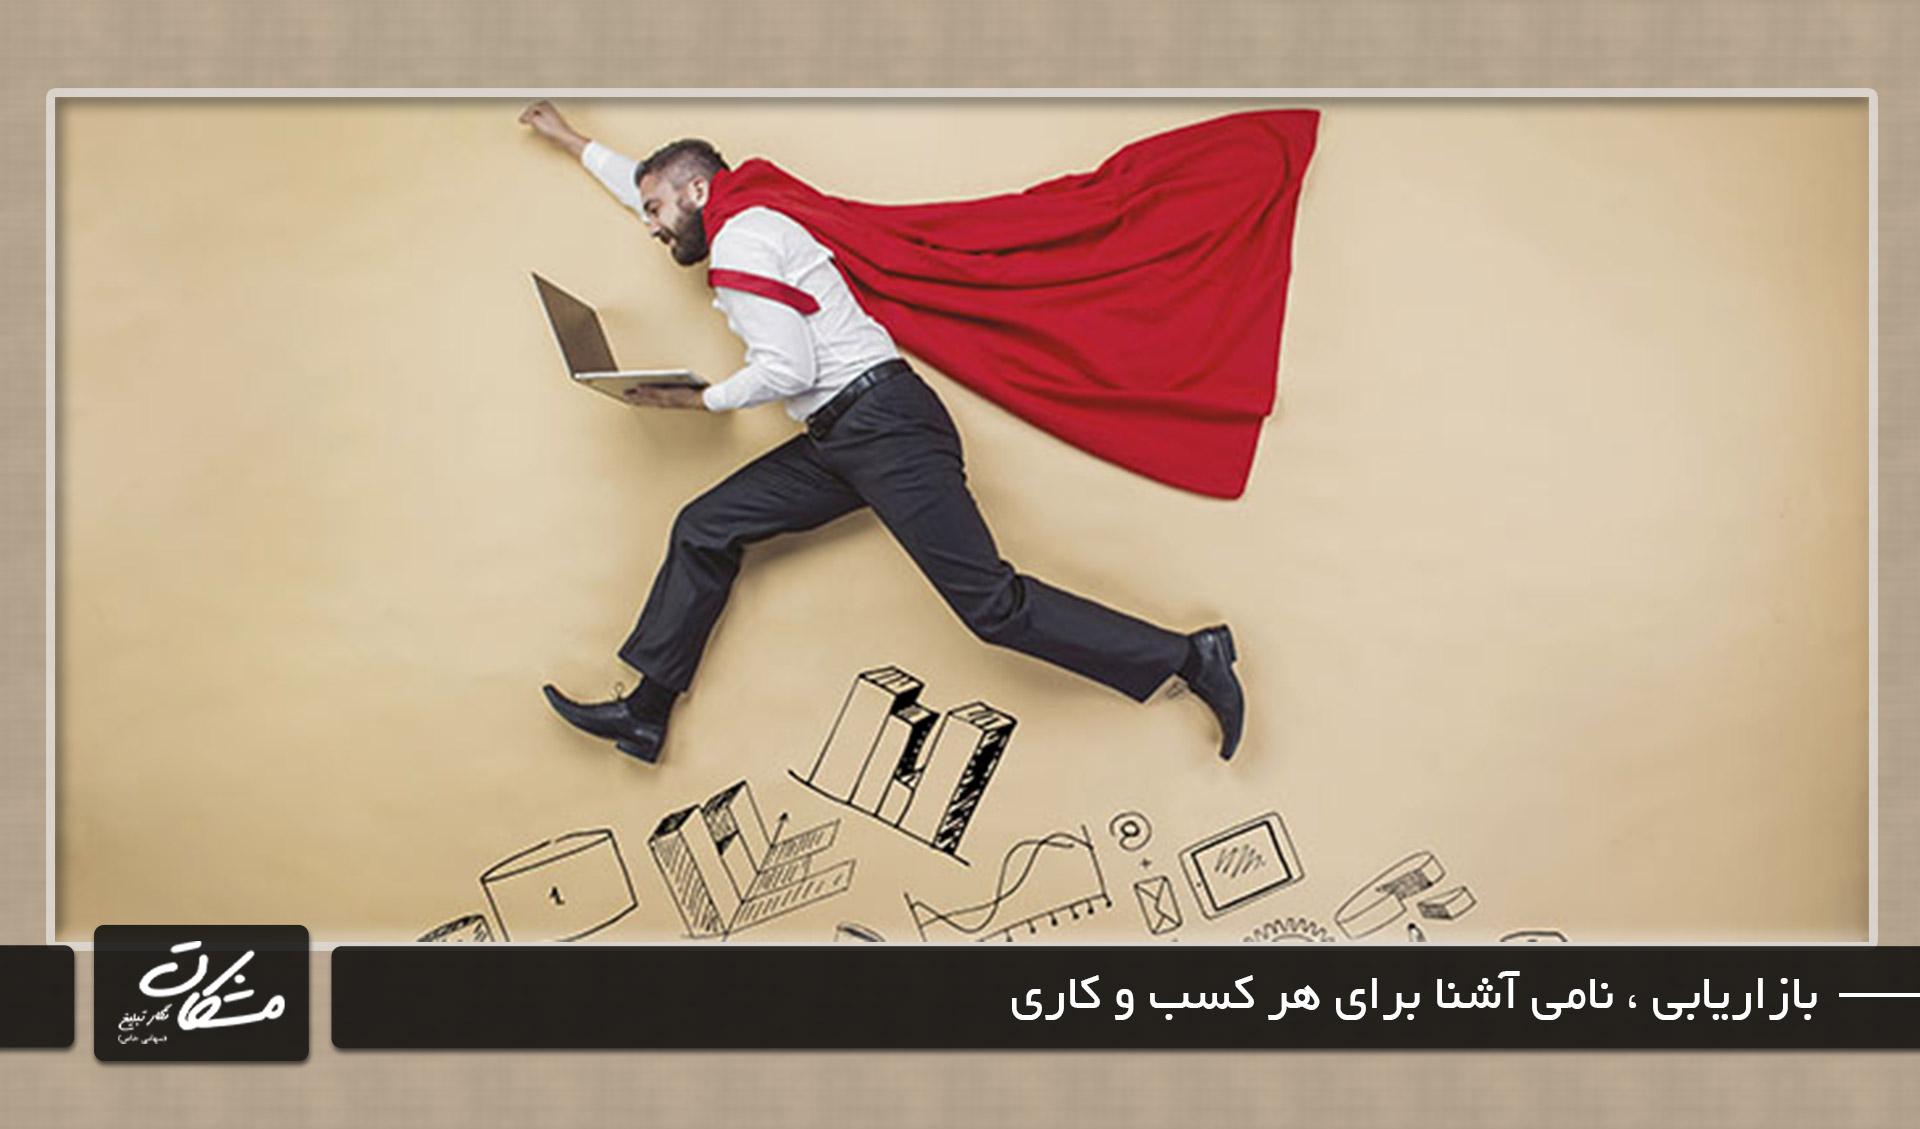 بازاریابی نامی آشنا برای هر کسب و کاری